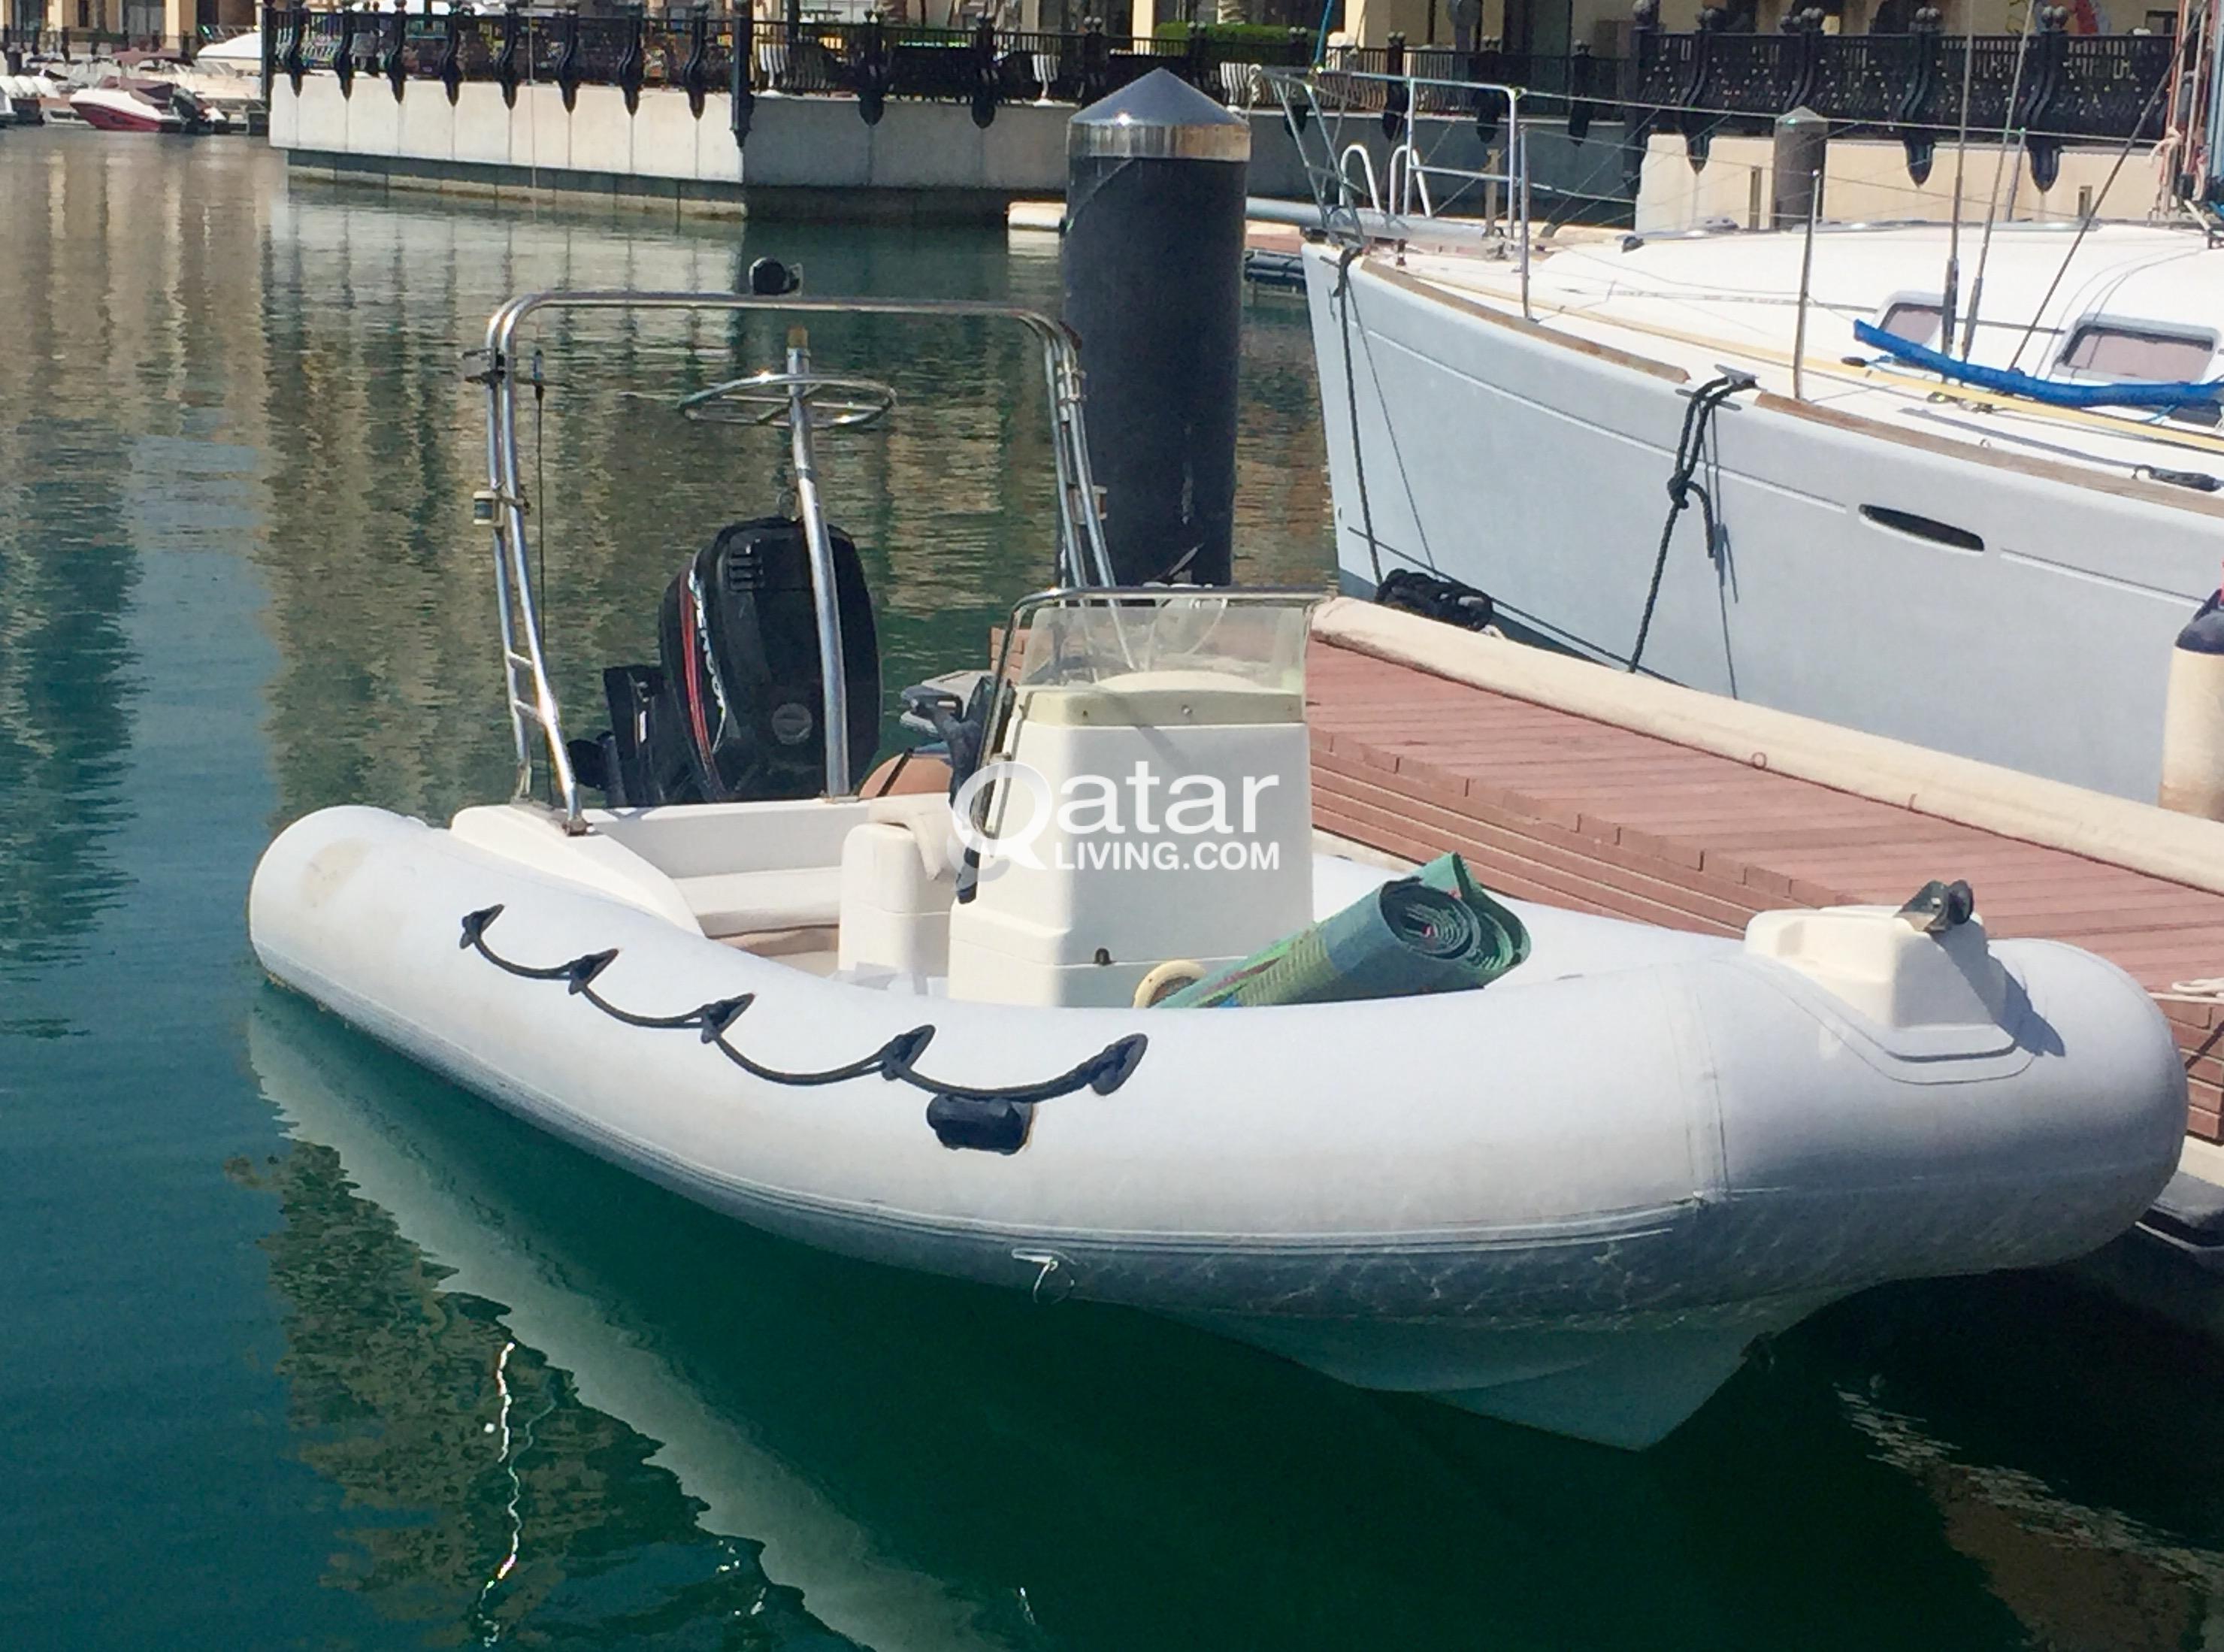 RIB (Rigid Inflatable Boat) for sale | Qatar Living